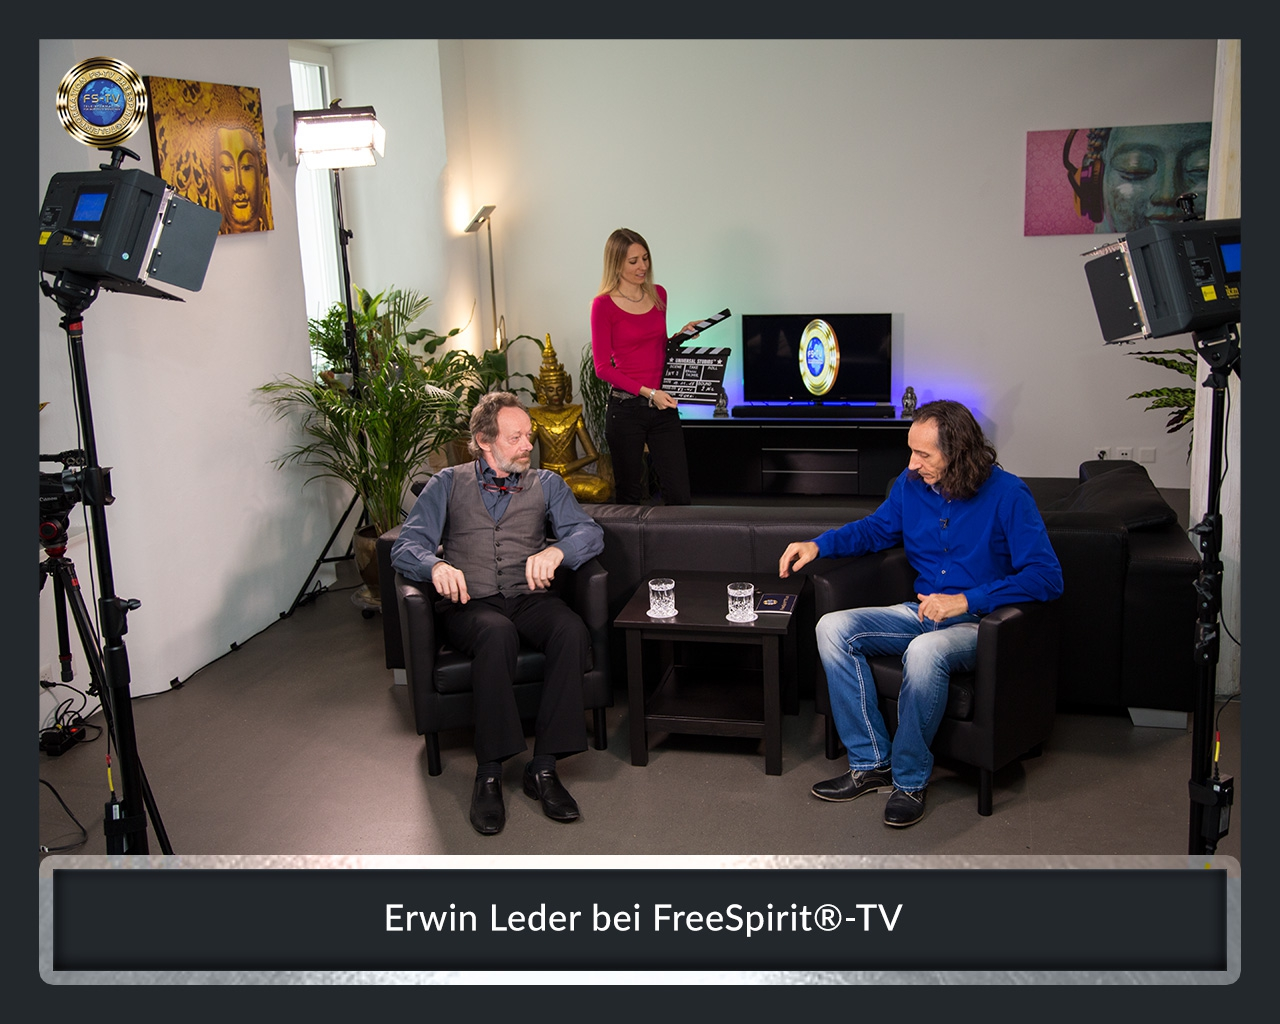 FS-TV-Bildergallerie-Erwin-Leder3